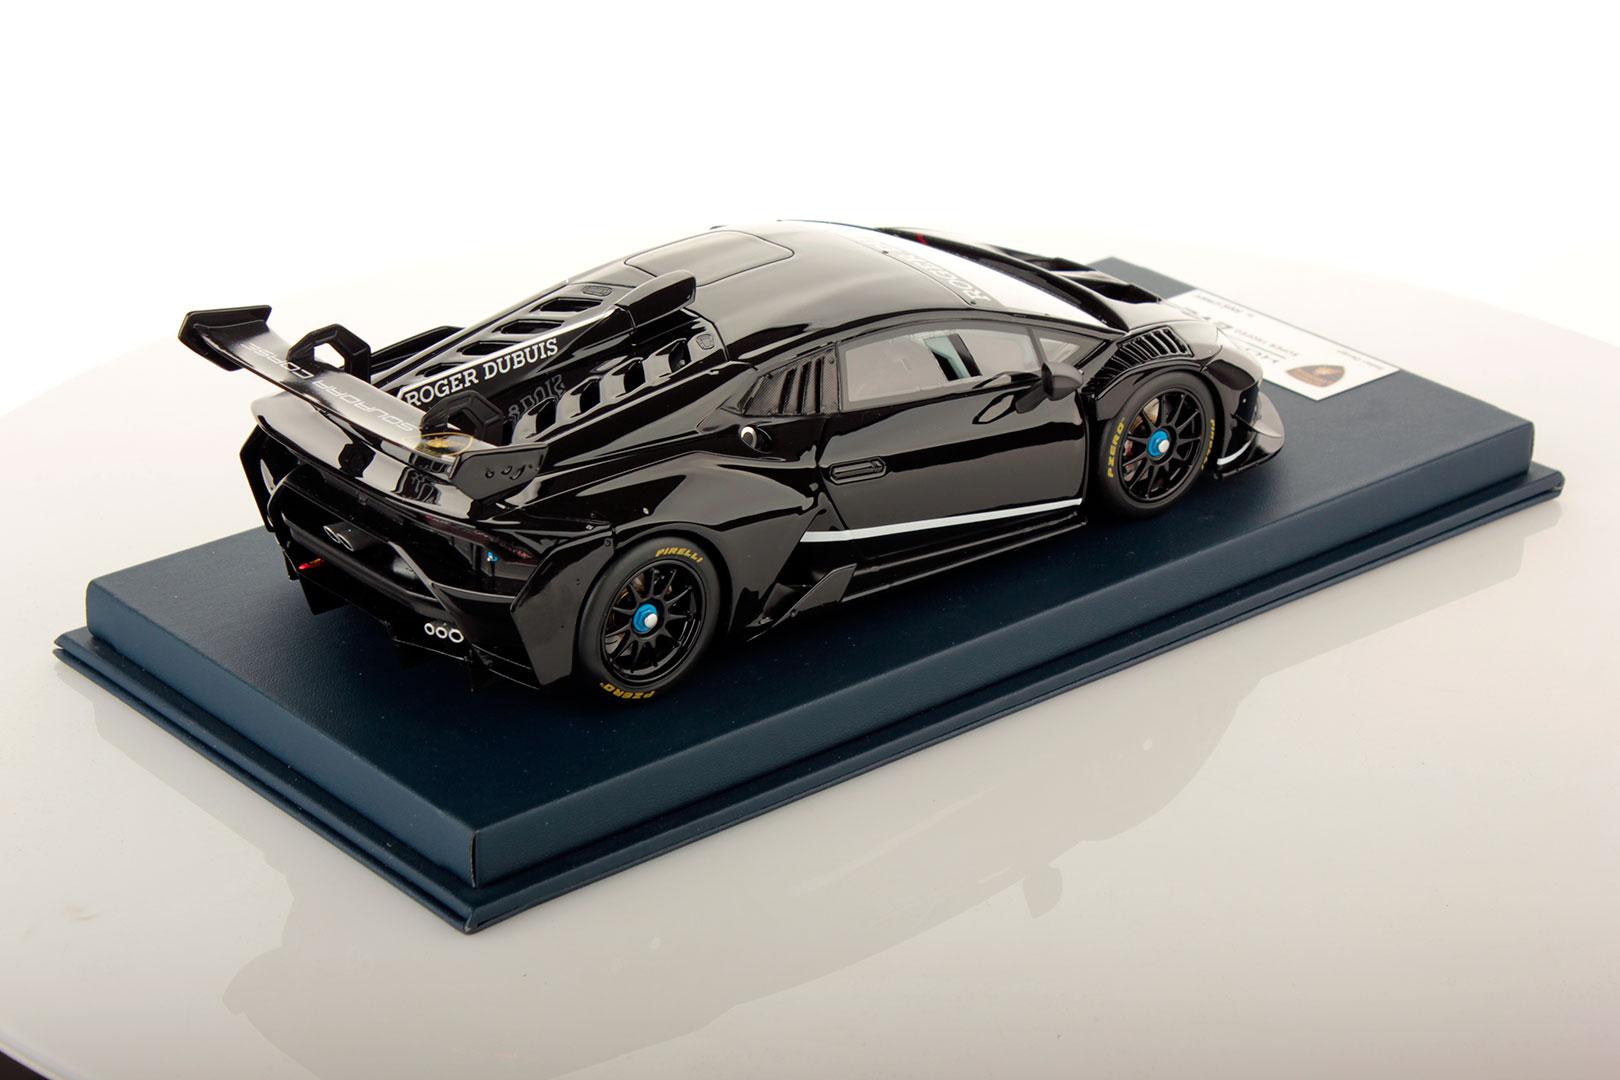 Lamborghini Huracan Super Trofeo Evo Shiny Black 1 18 Looksmart Models